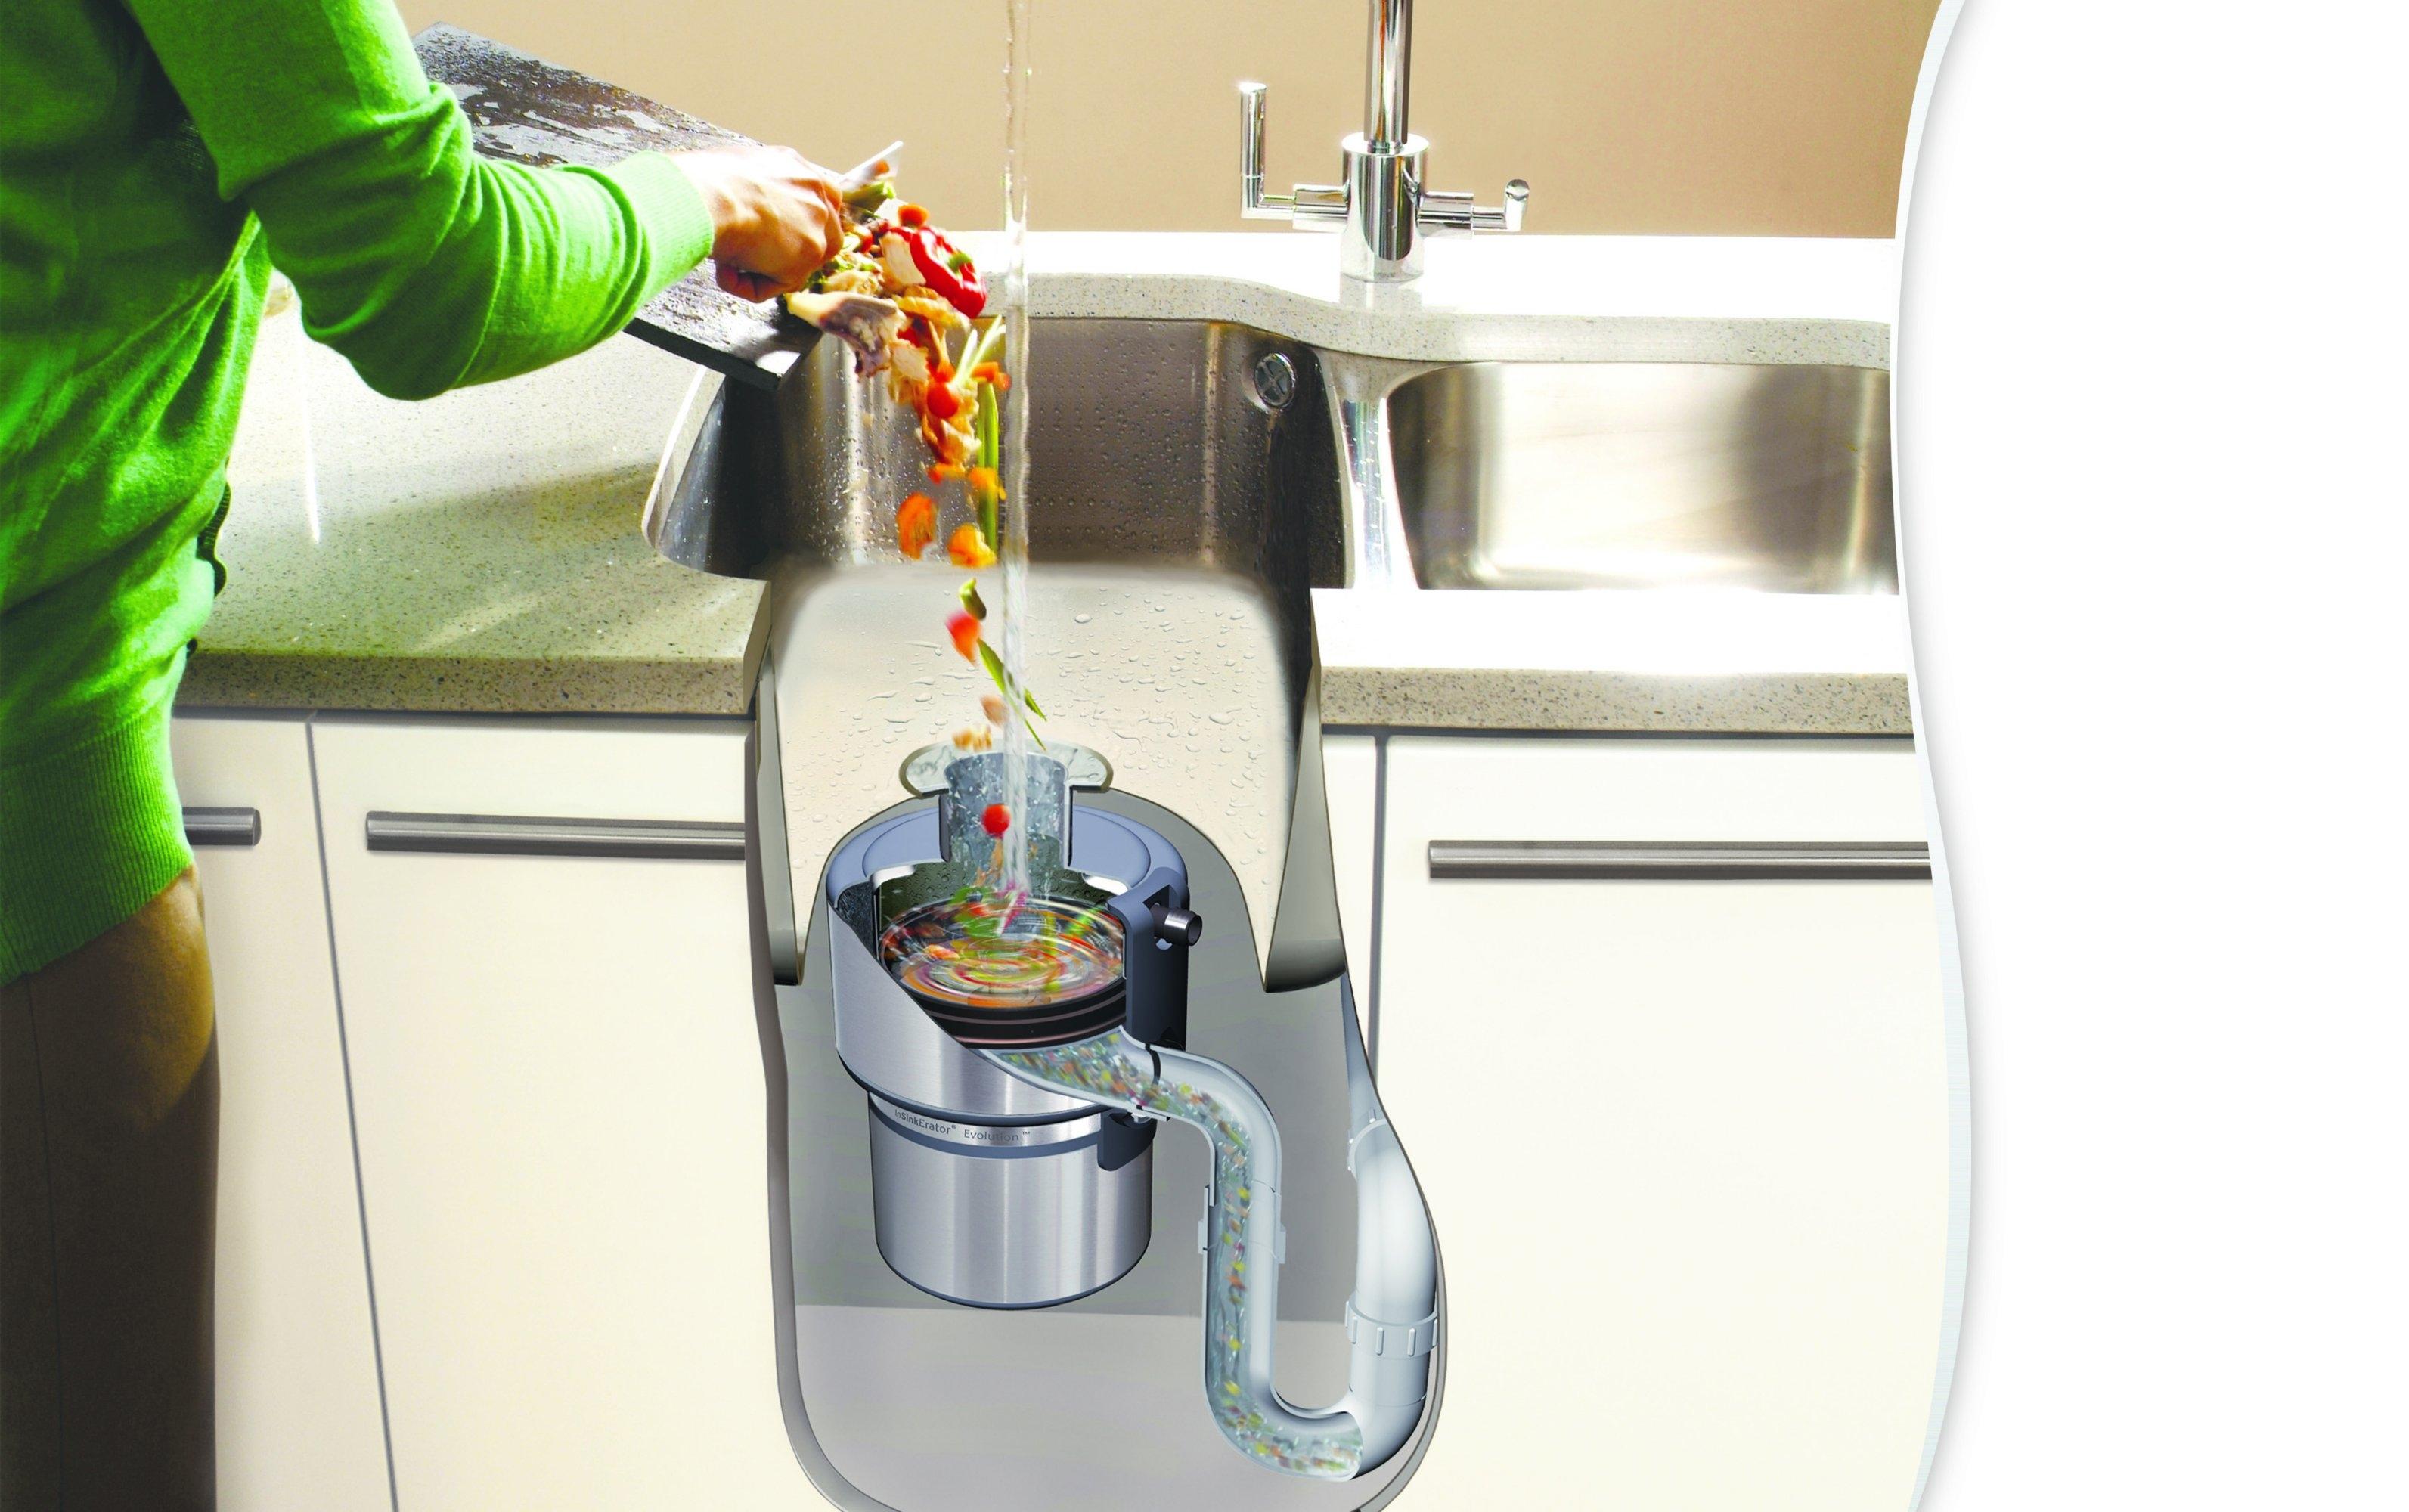 Измельчитель пищевых отходов для раковины принцип